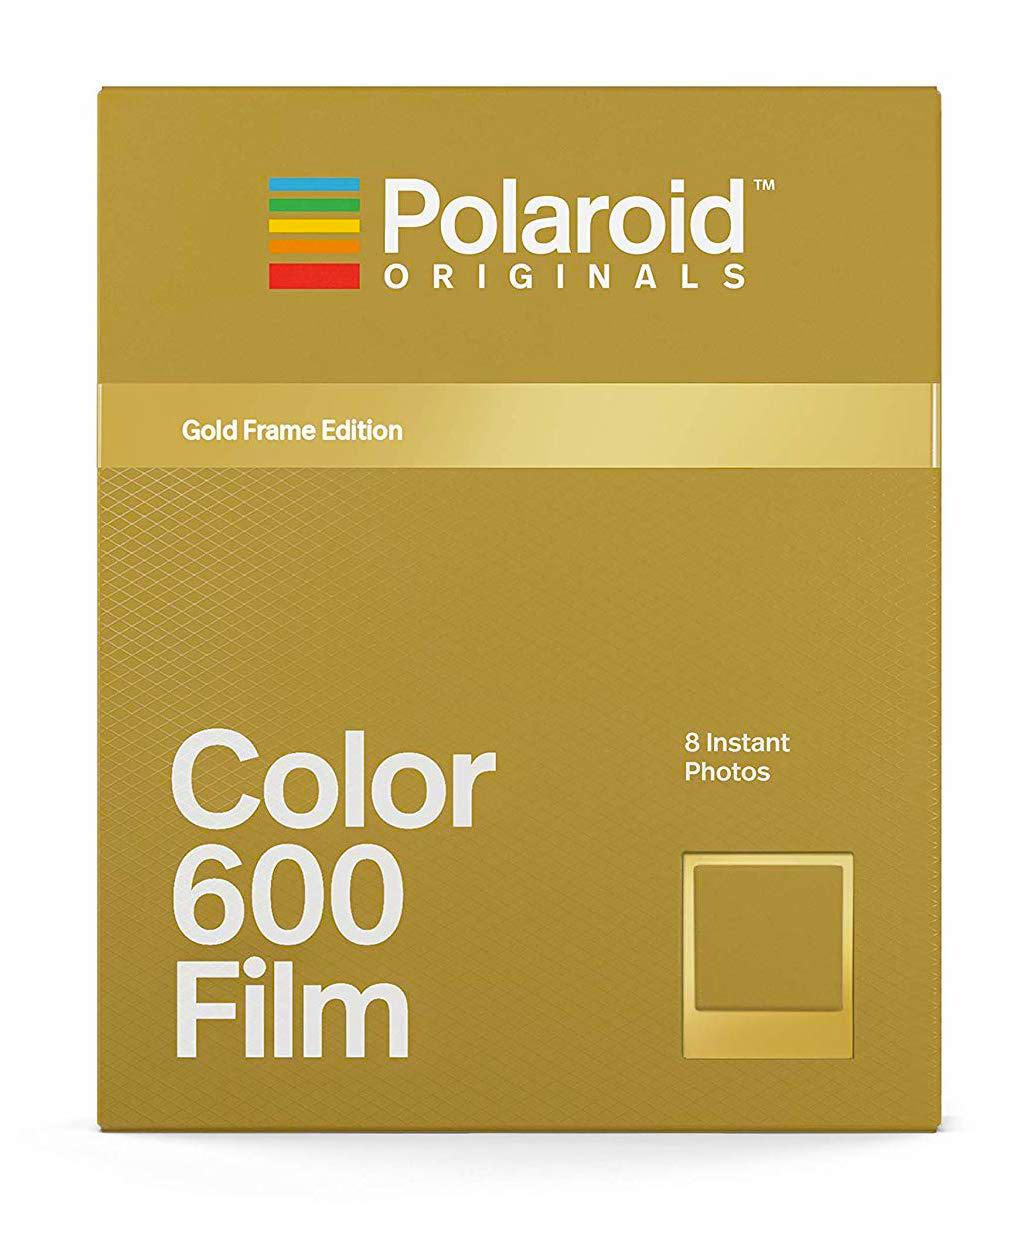 Polaroid Originals Color films 600 Metalic gold